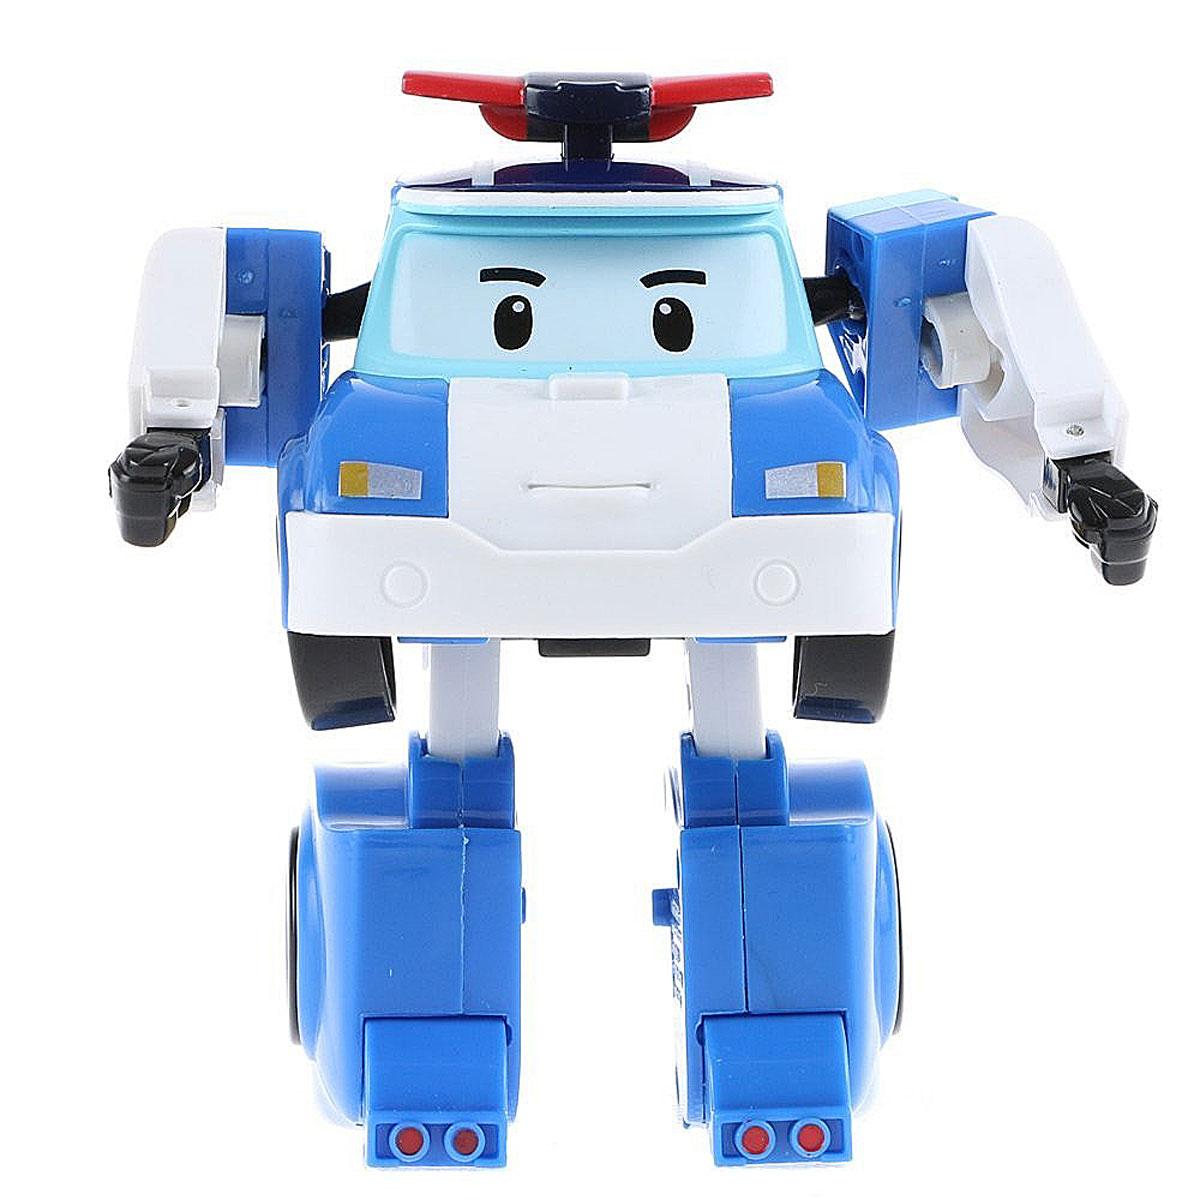 Robocar Poli Игрушка-трансформер Маленький Поли цвет белый голубой83046Оригинальная игрушка-трансформер Поли надолго займет внимание вашего ребенка. Игрушка выполнена из безопасного пластика белого и голубого цветов в виде полицейской машинки Поли. Игрушка имеет две вариации: первая - мальчик-робот, вторая - полицейская машина. Эта игрушка непременно понравится вашему малышу. Порадуйте ребенка таким замечательным подарком!